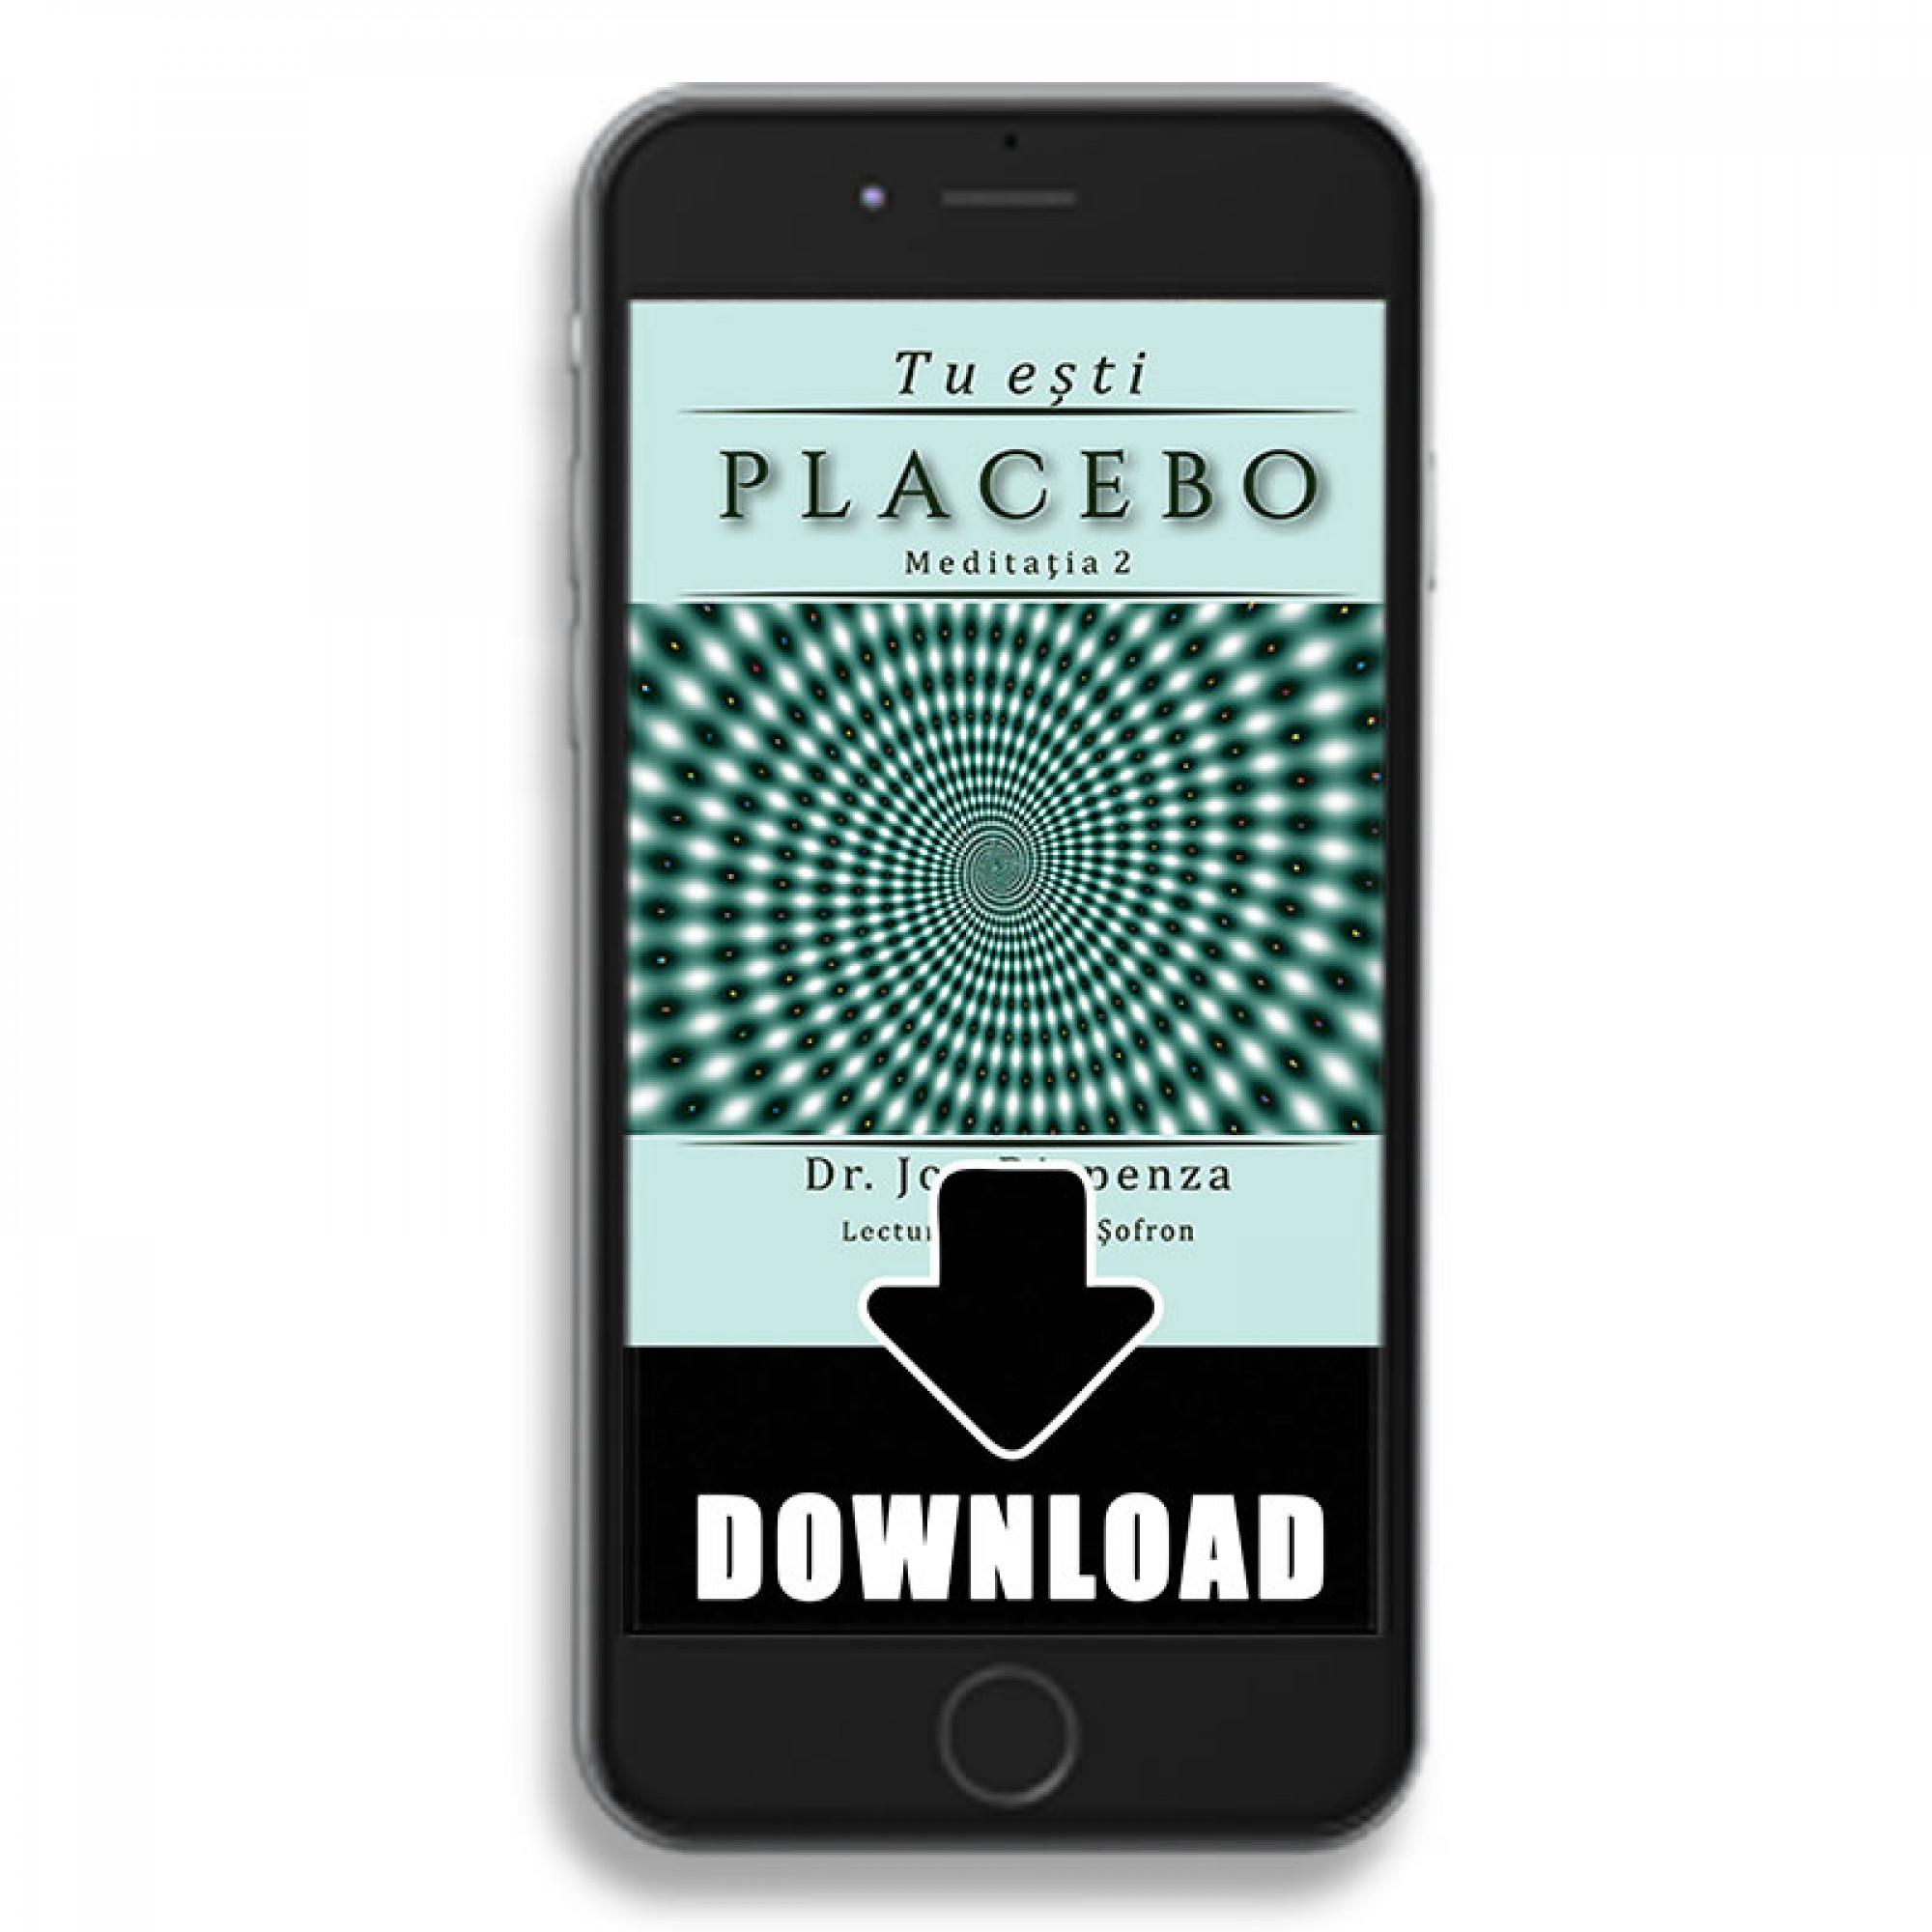 Tu esti Placebo - Meditatie 2